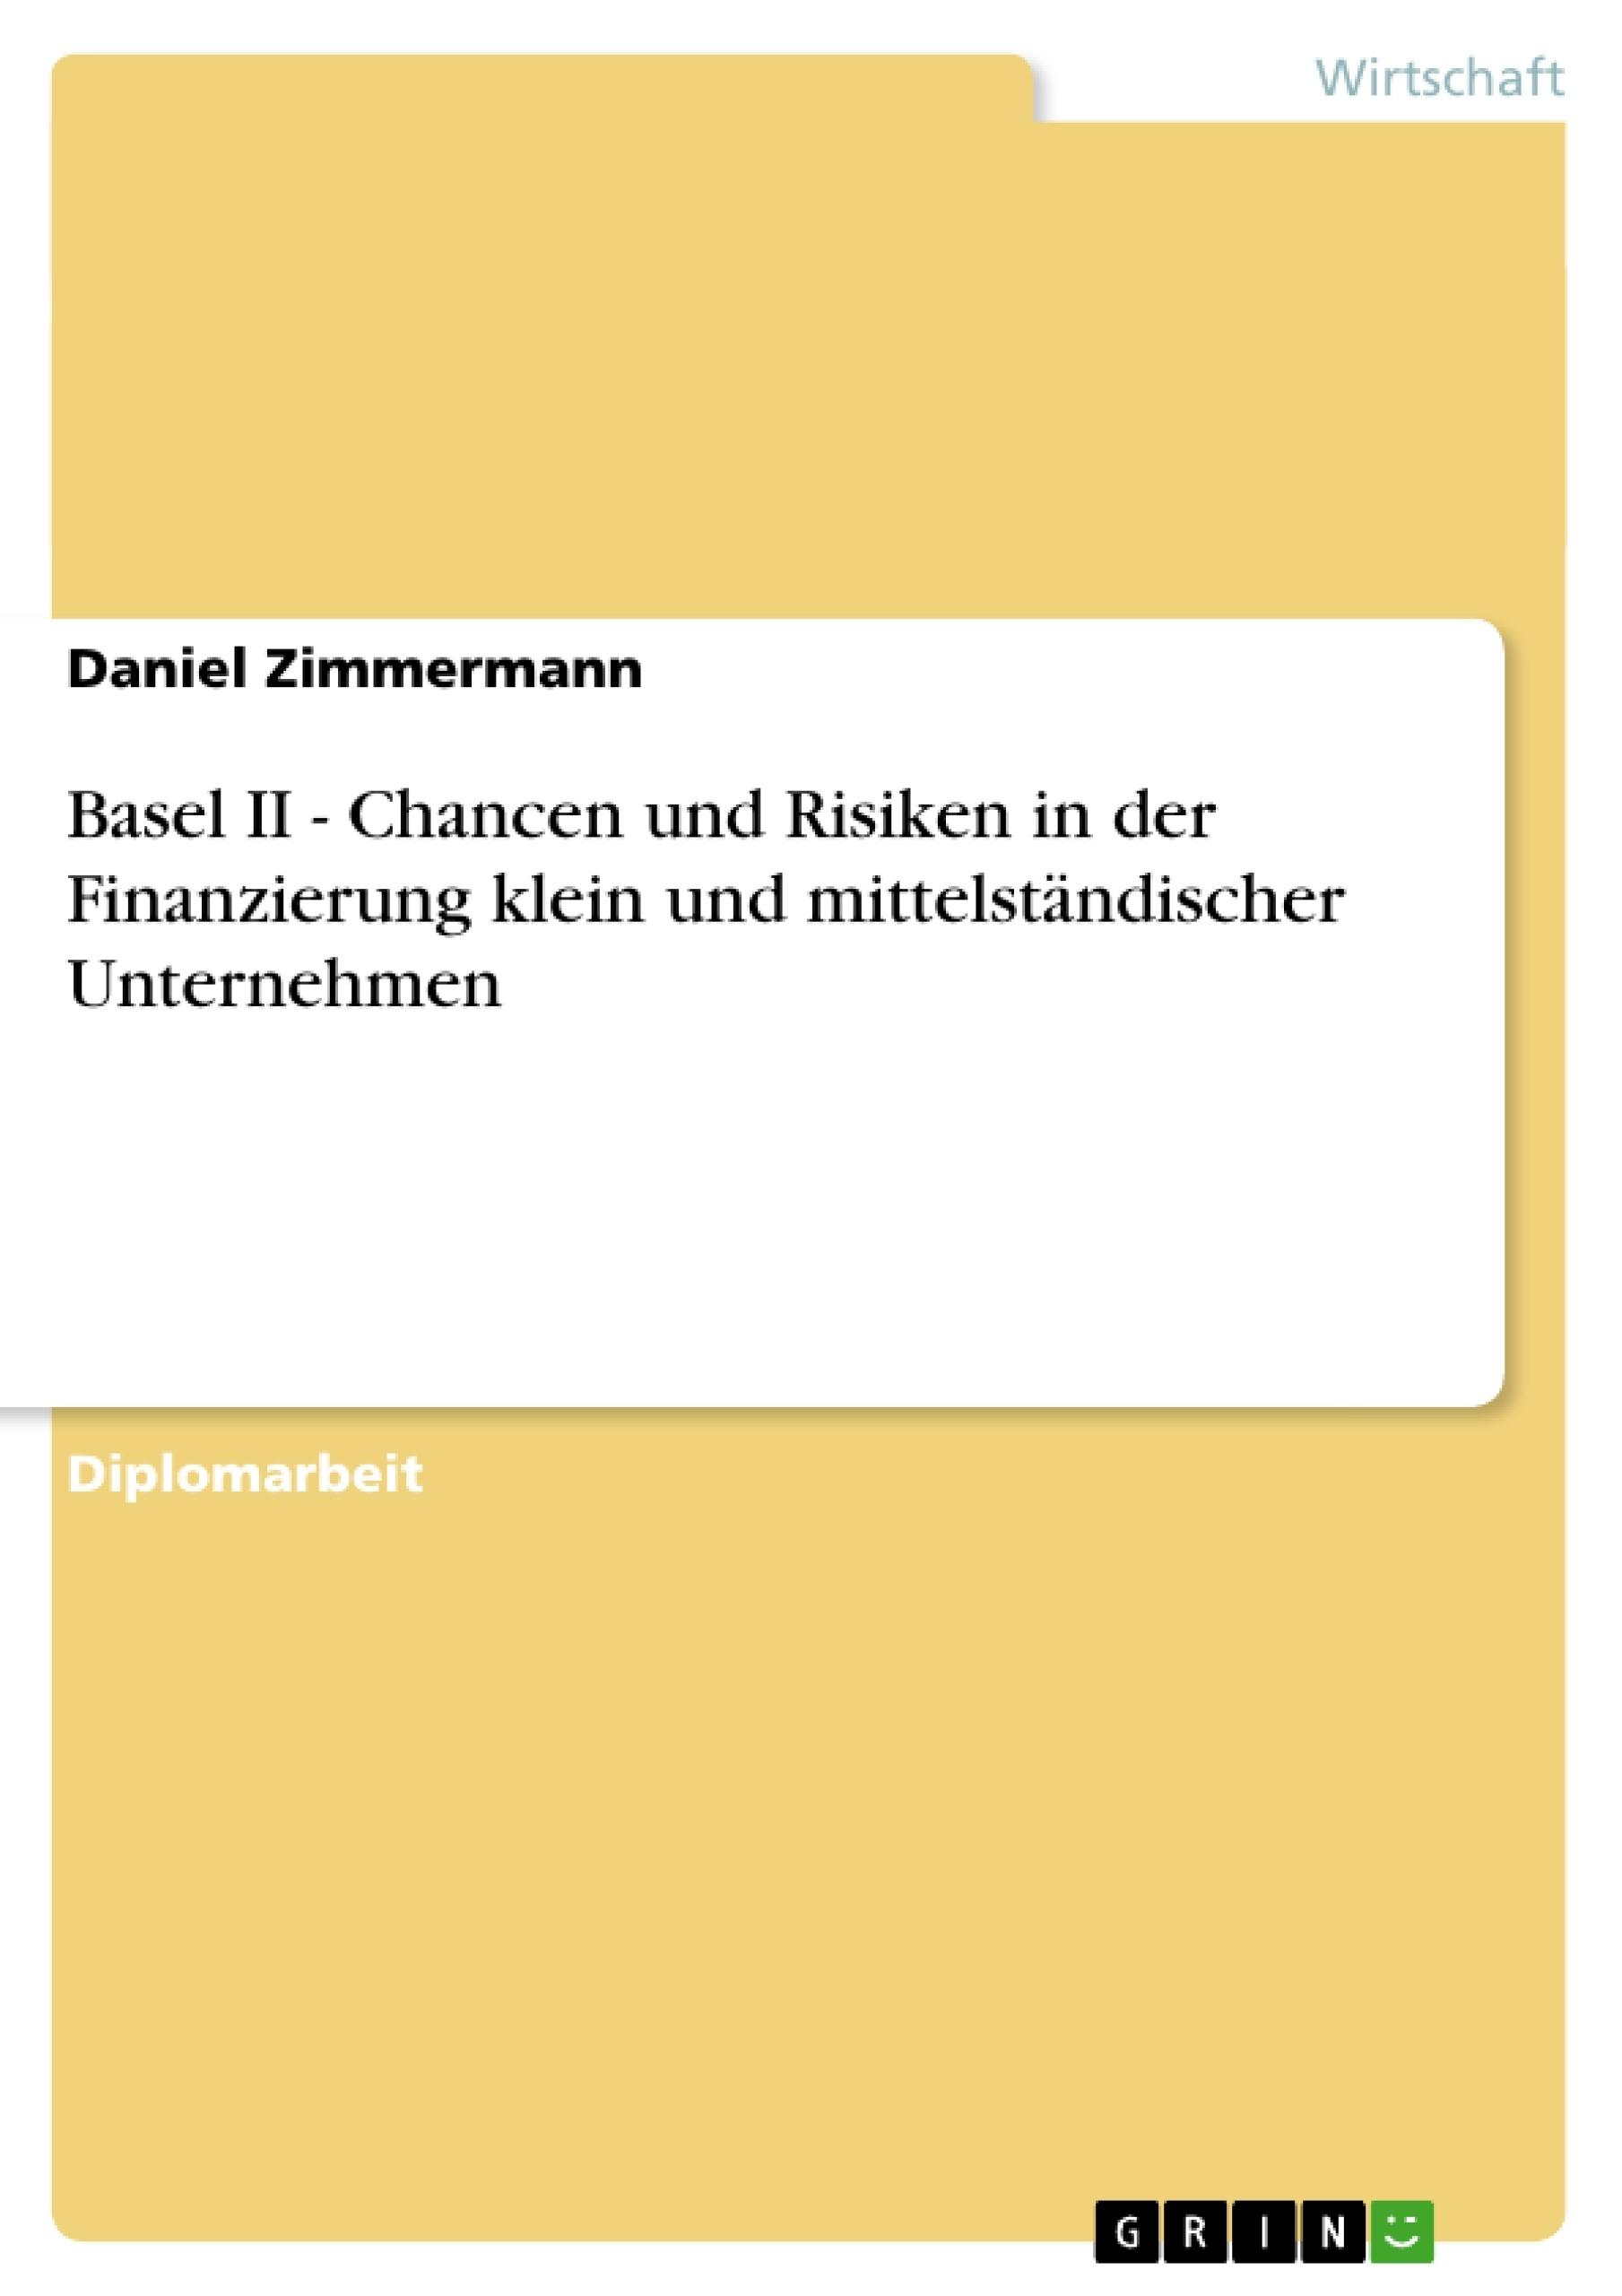 Titel: Basel II - Chancen und Risiken in der Finanzierung klein und mittelständischer Unternehmen